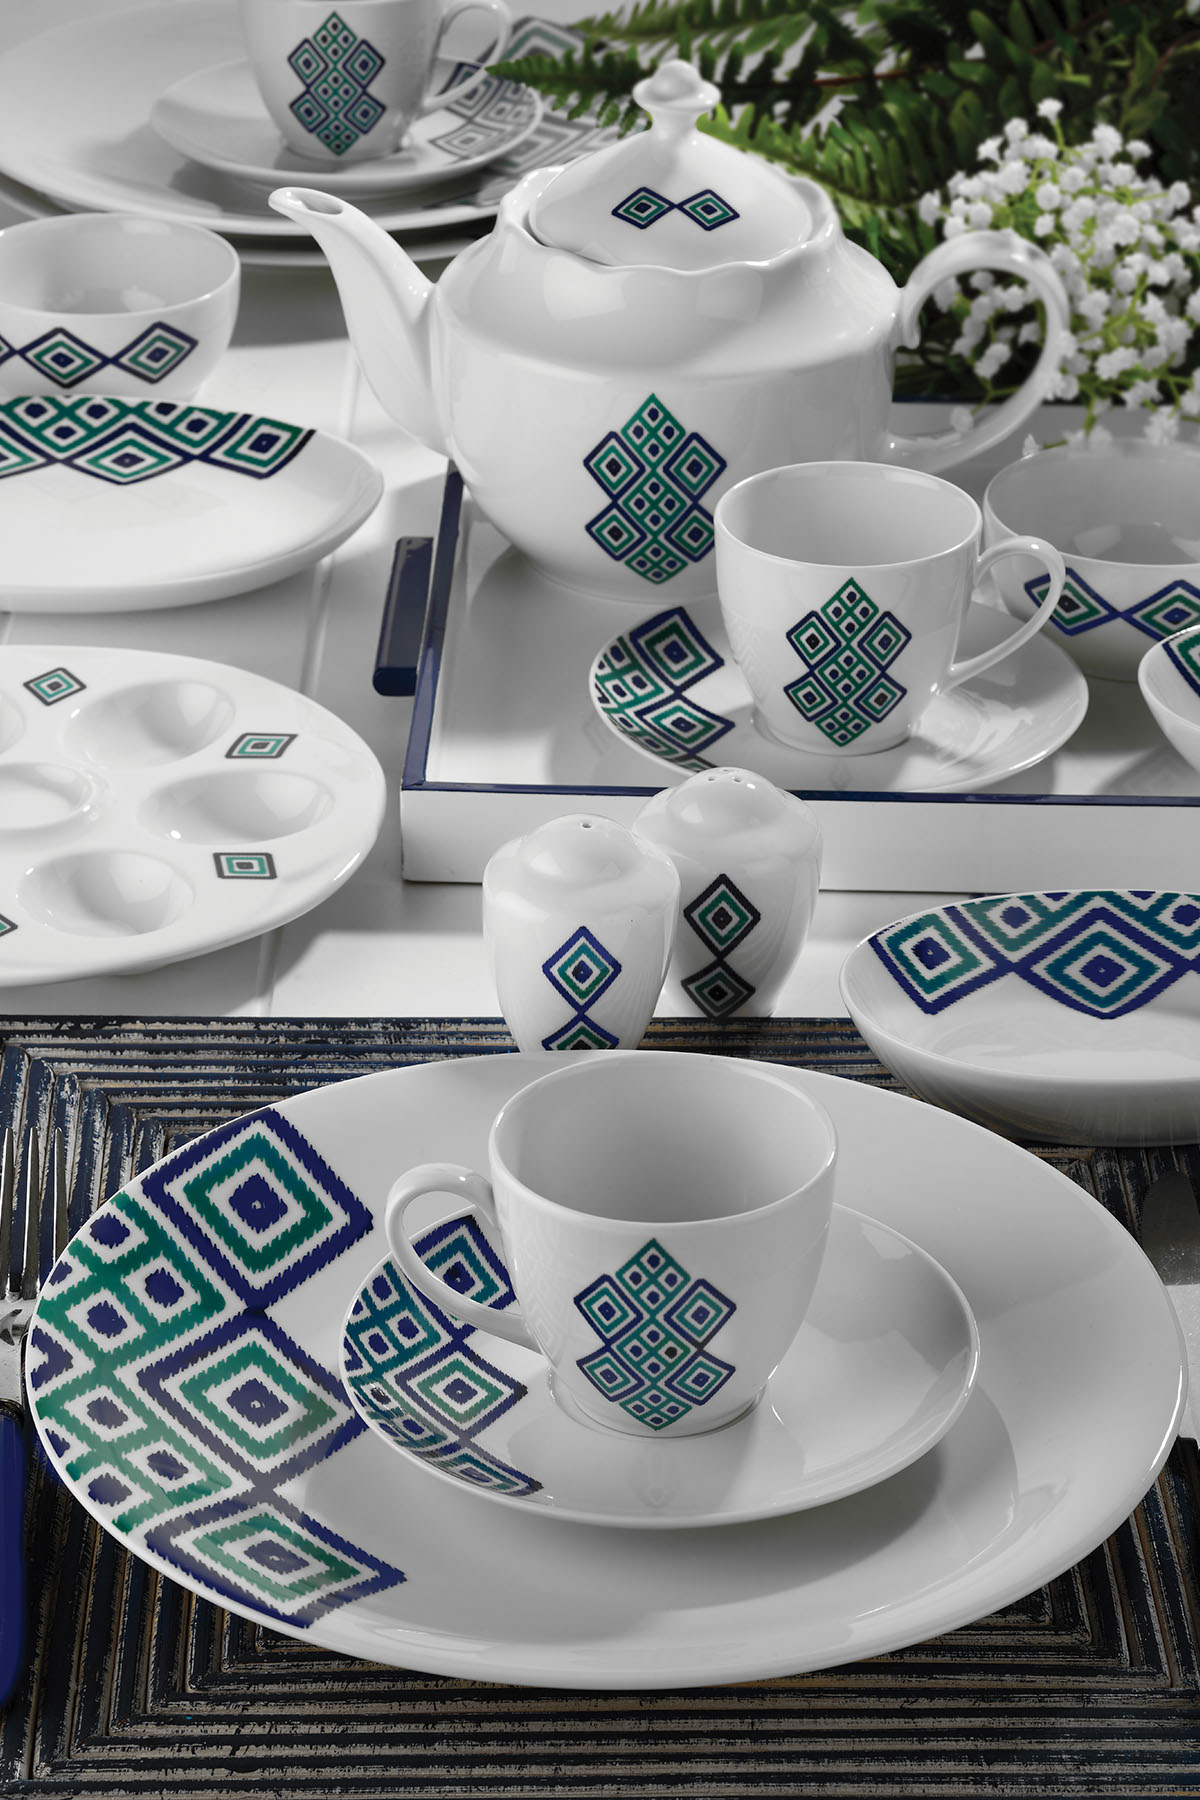 KÜTAHYA PORSELEN - Kütahya Porselen 35 Parça 10060 Desen Kahvaltı Takımı